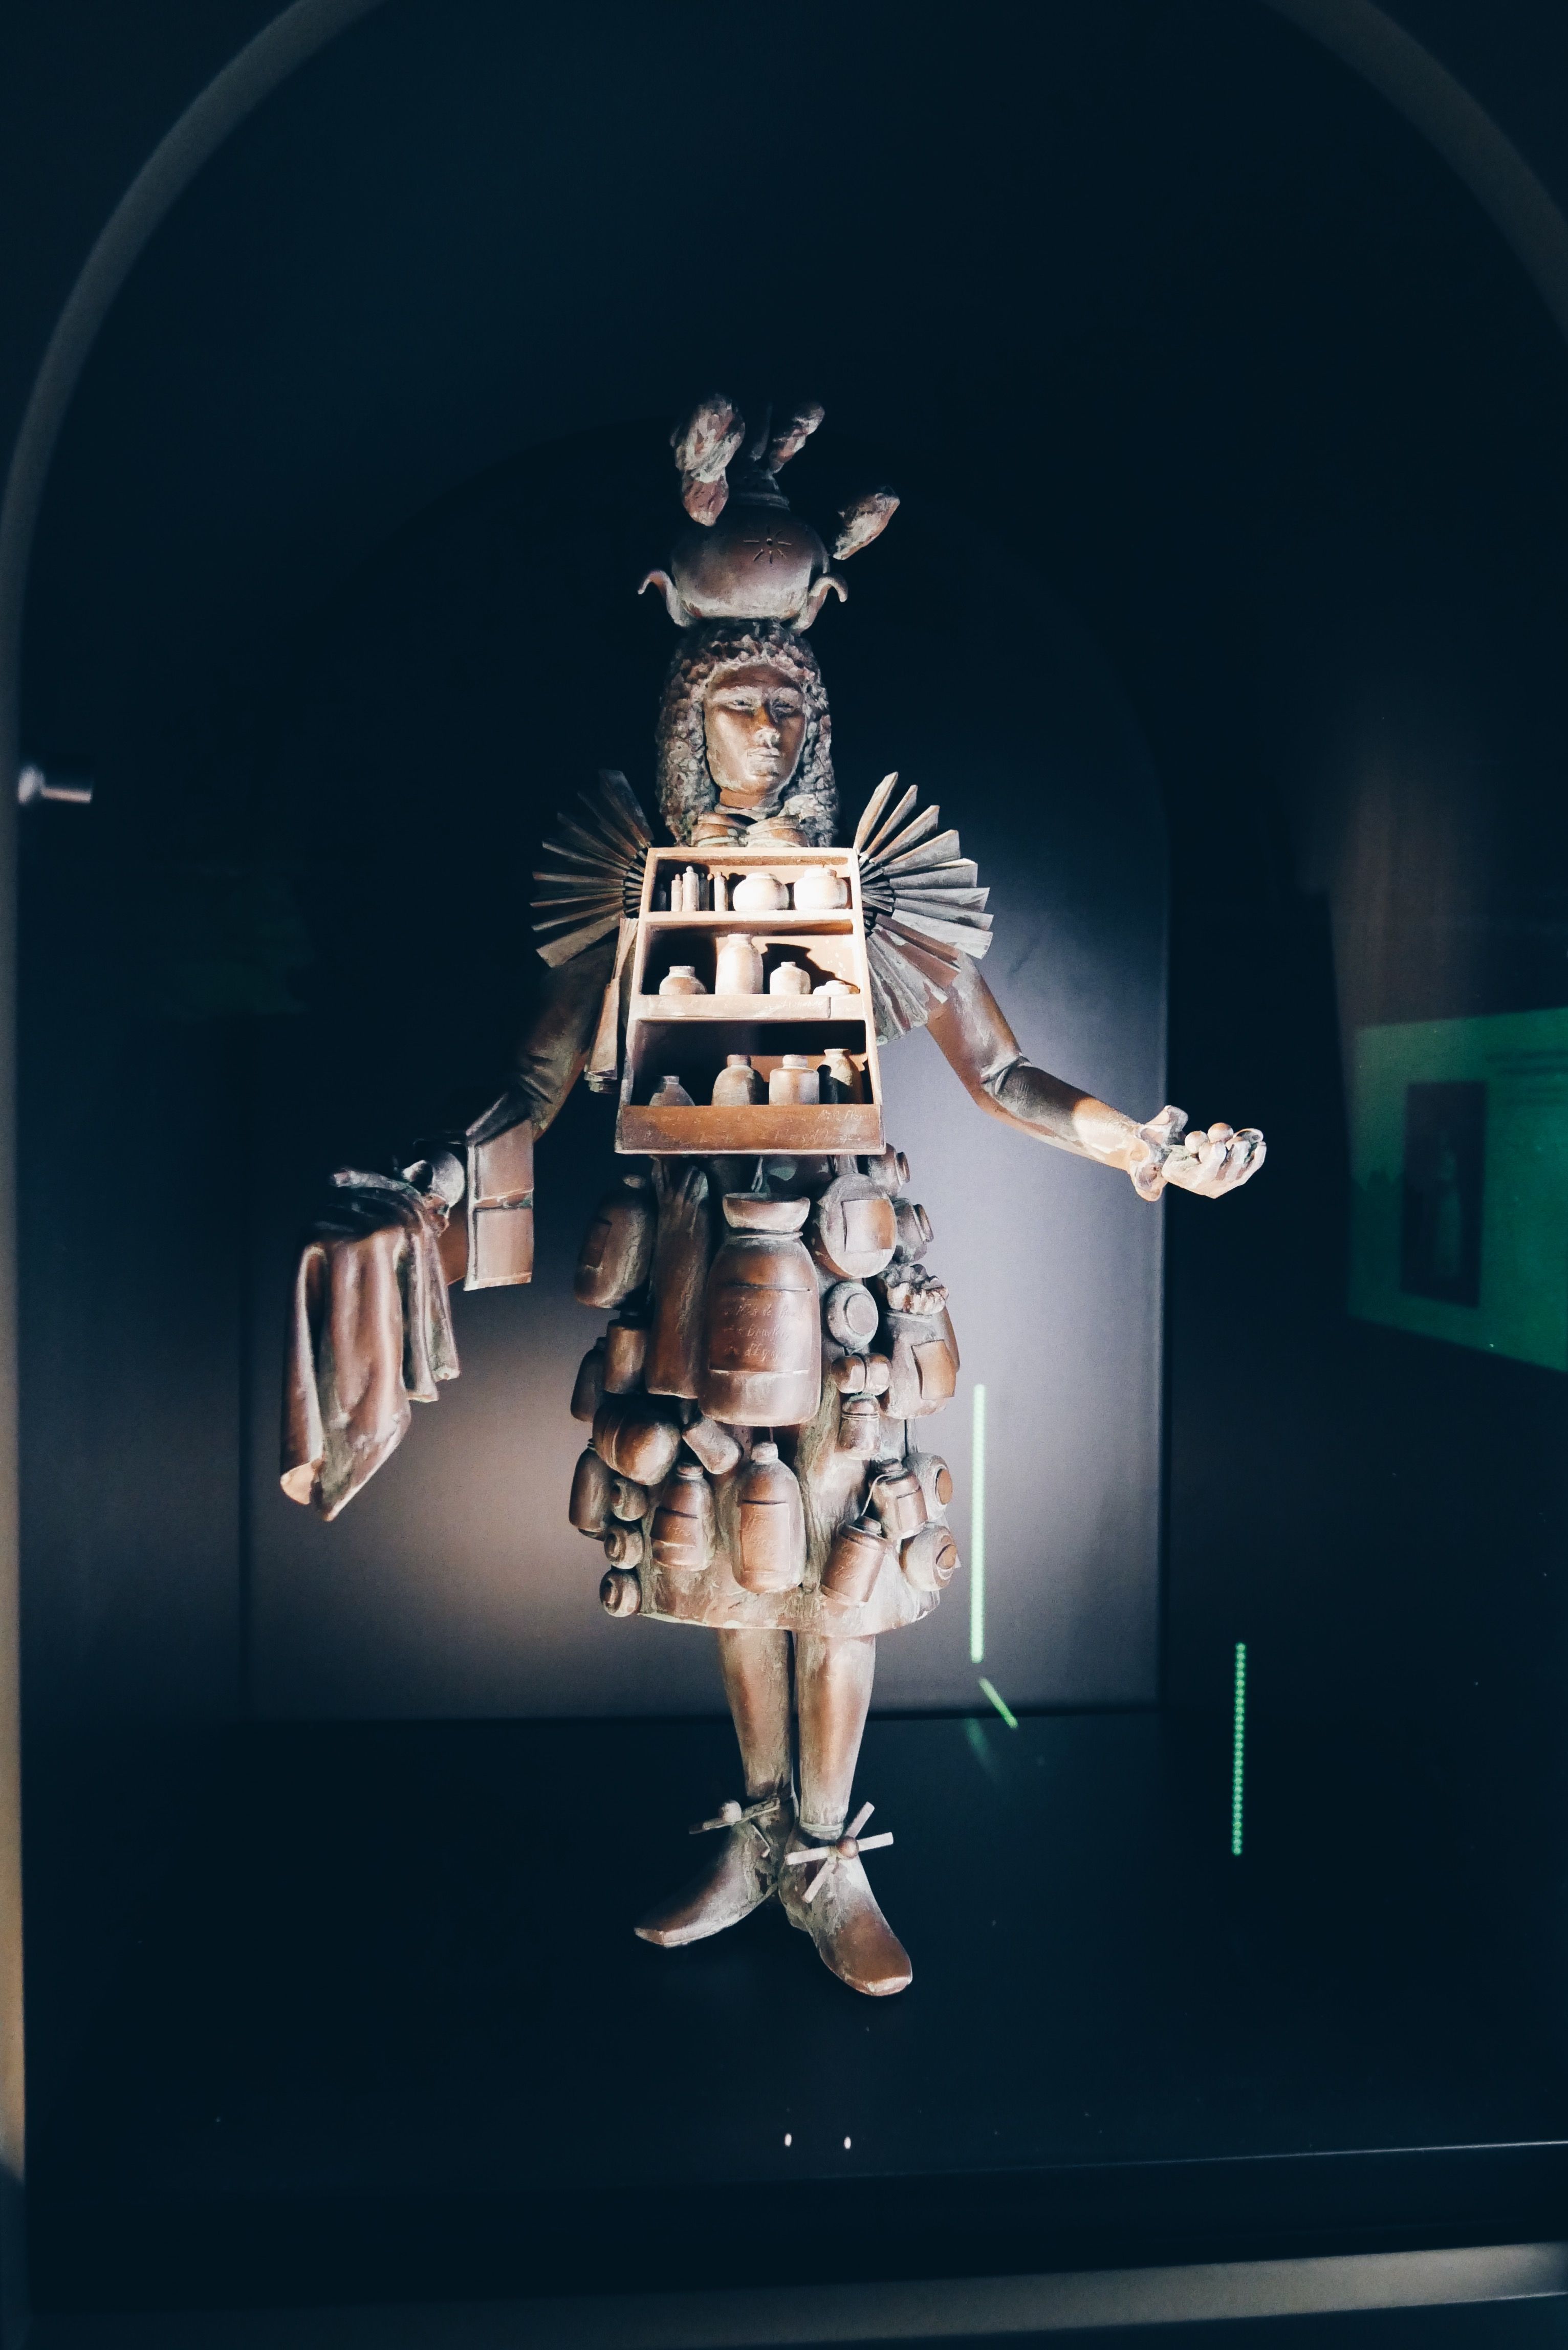 Costume-du-gantier-parfumeur-France-17e-siècle-reproduction-Le-Grand-Musée-du-Parfum-Paris-Rue-du-Faubourg-Saint-Honoré-8e